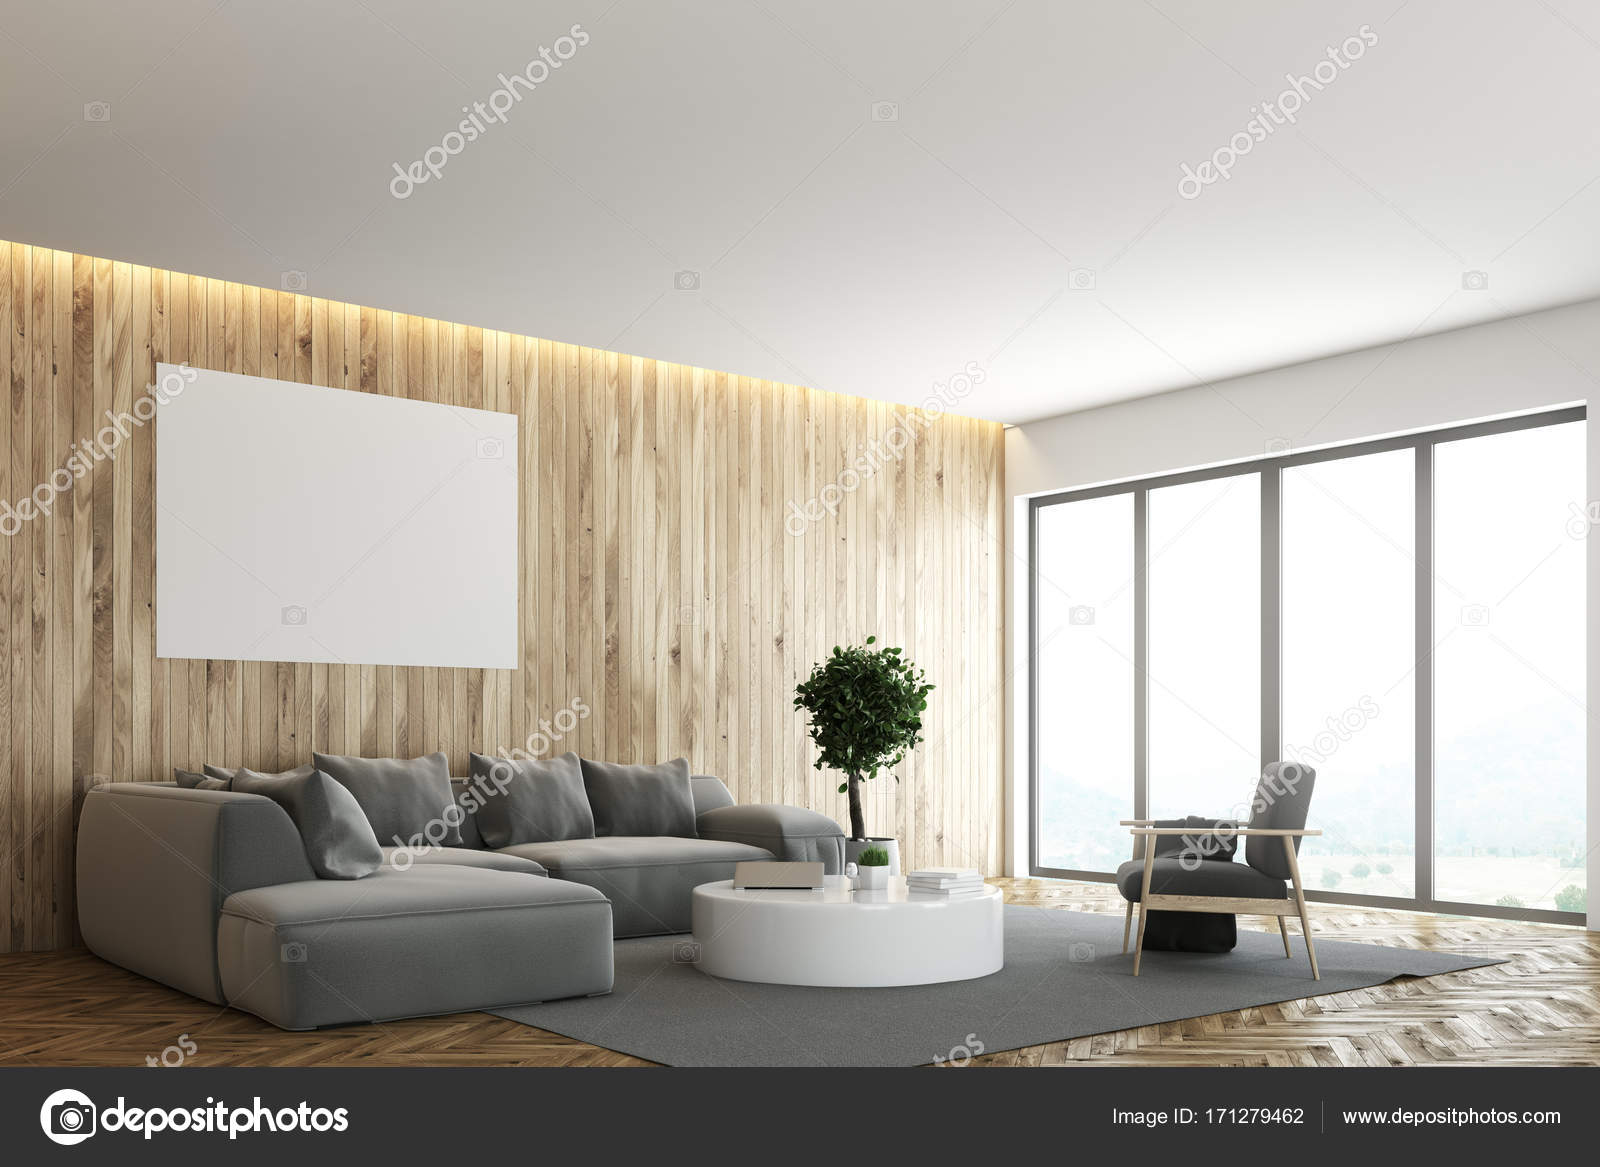 Woonkamer Grijze Bank : Kleurrijke hoofdkussens op moderne grijze bank in woonkamer stock